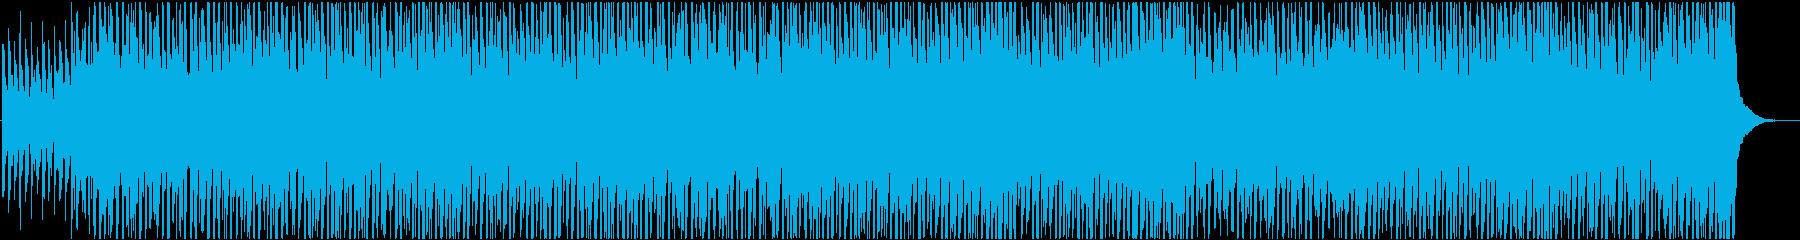 News5 24bit44kHzVerの再生済みの波形